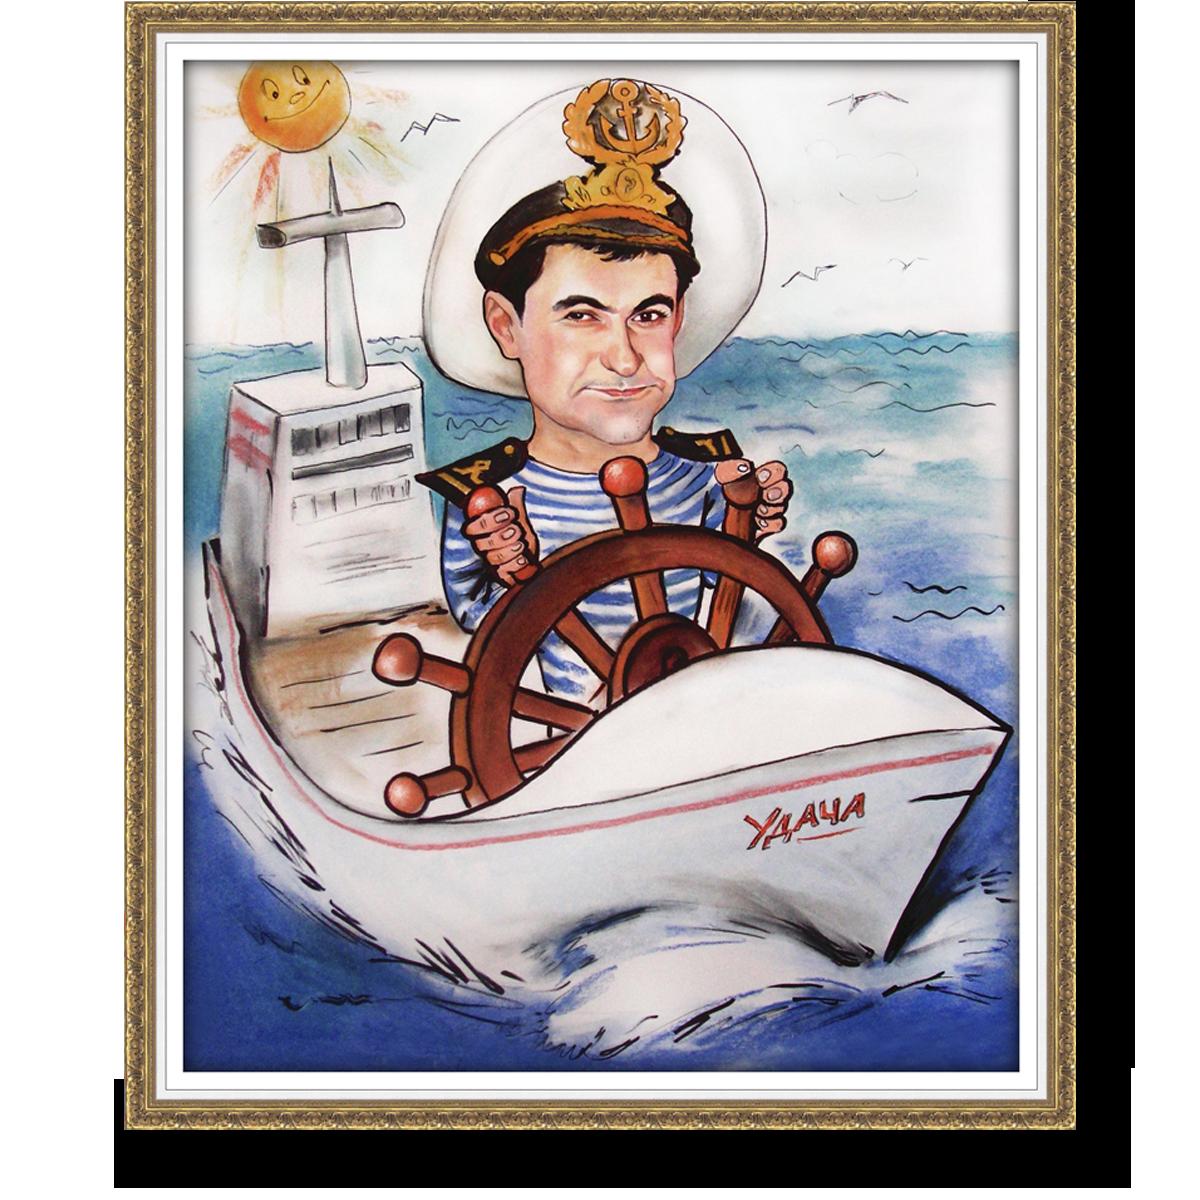 Детей, картинки на 23 февраля моряку